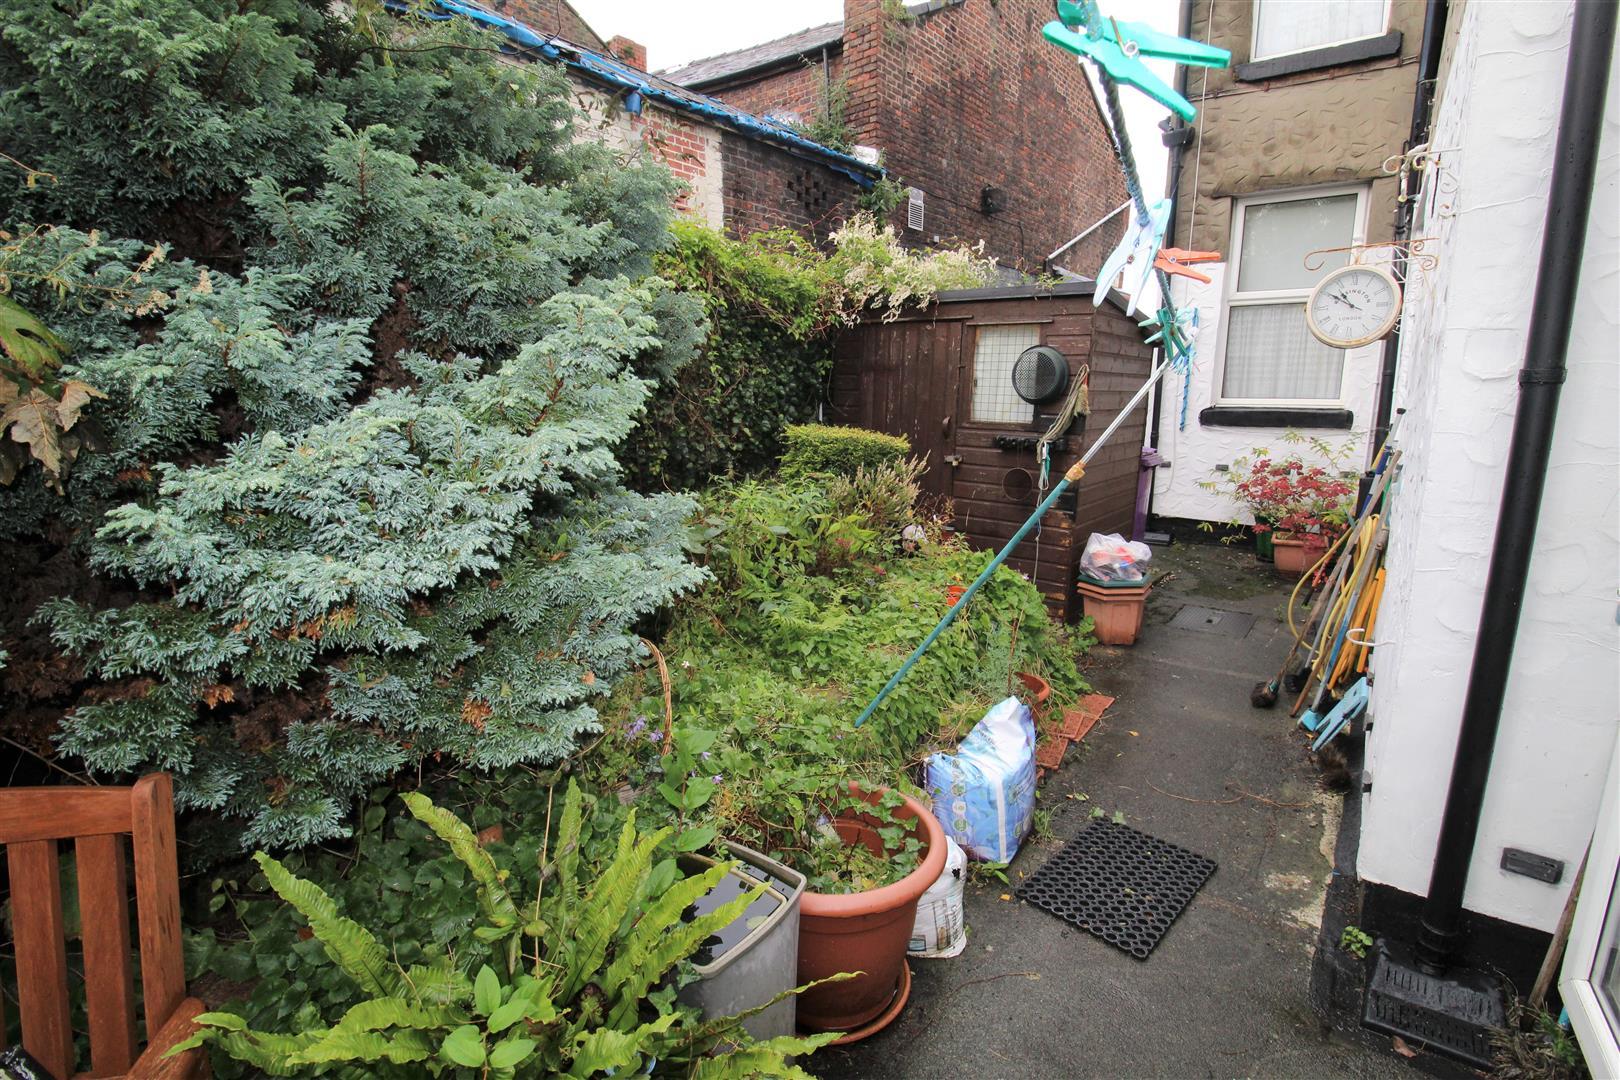 3 Bedrooms, House - Semi-Detached, Longmoor Lane, Liverpool